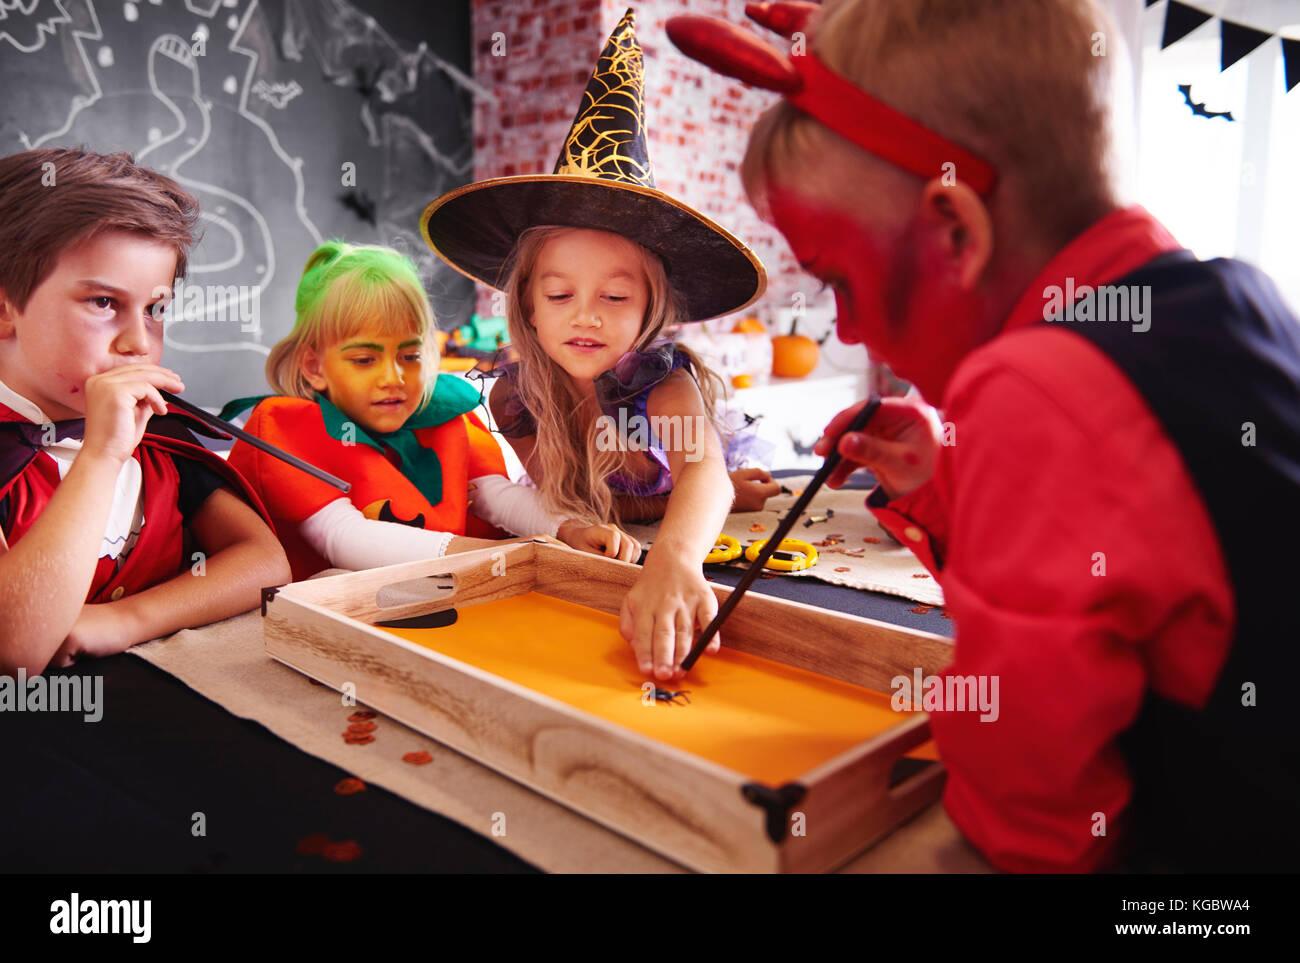 Bambini che giocano con gioco di bordo Immagini Stock